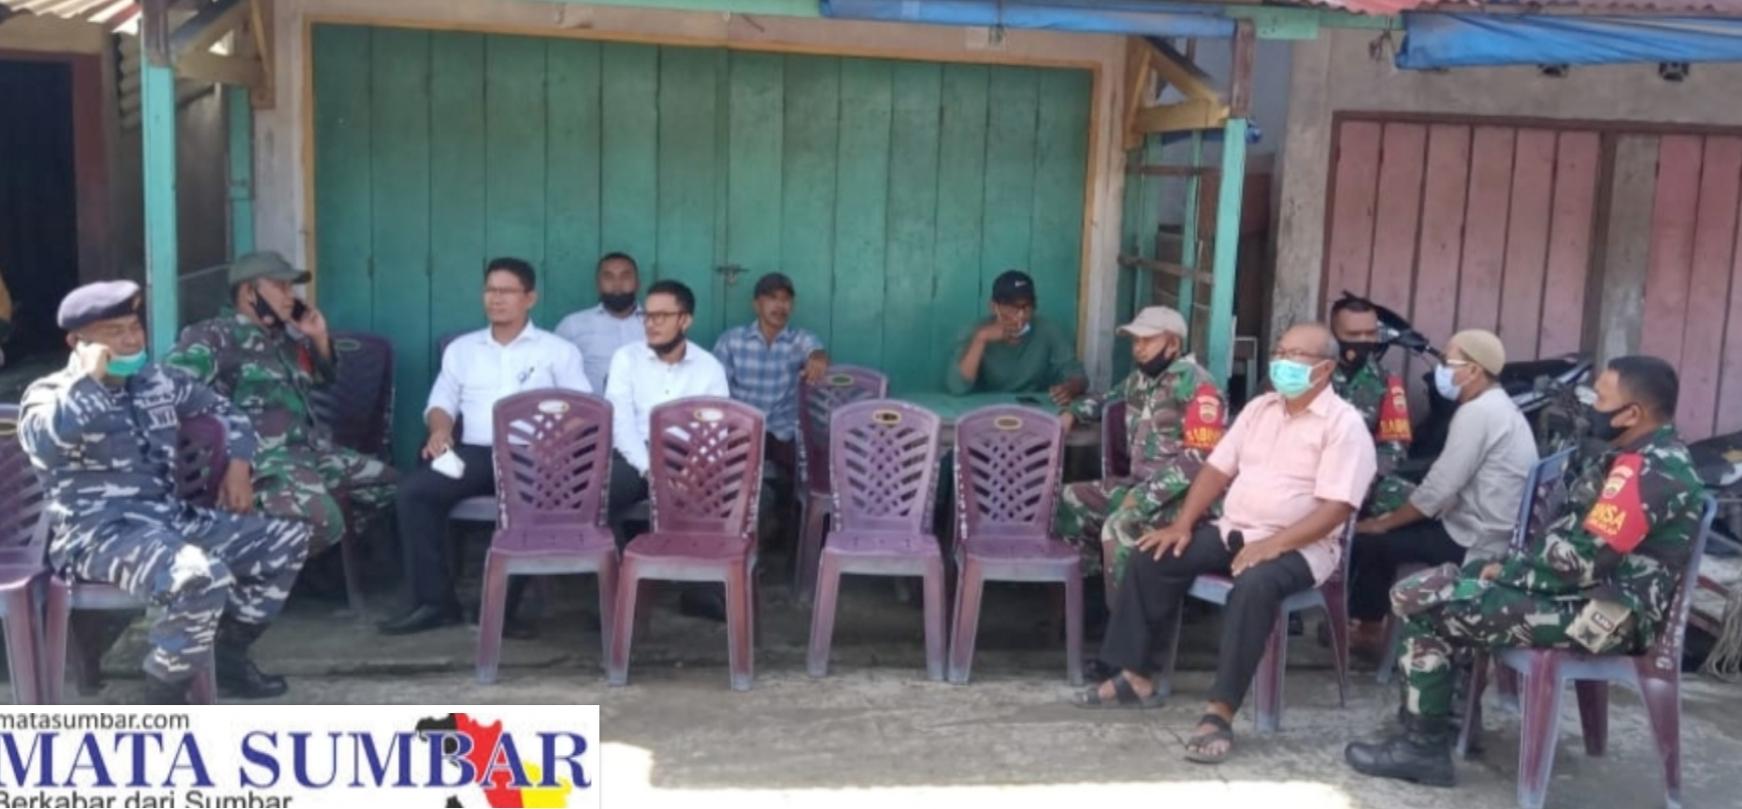 Wujud Kepedulian, Babinsa 04/Sikakap Melayat ke Rumah Warga Binaannya.